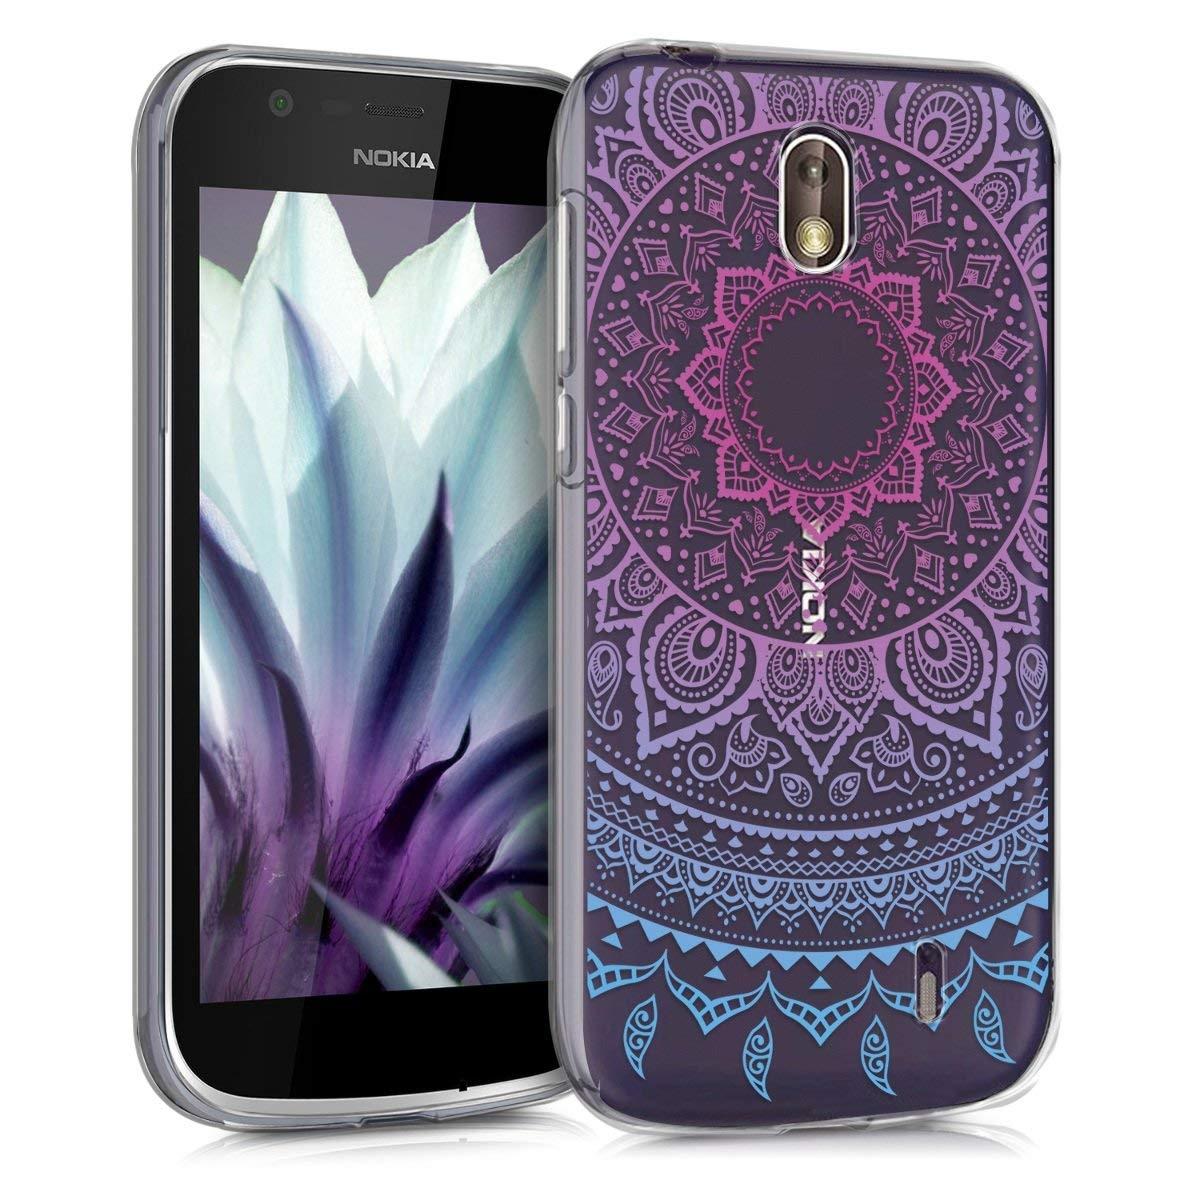 KW Θήκη Σιλικόνης Nokia 1 - Blue Dark/ Pink Indian Sun (44502.01)